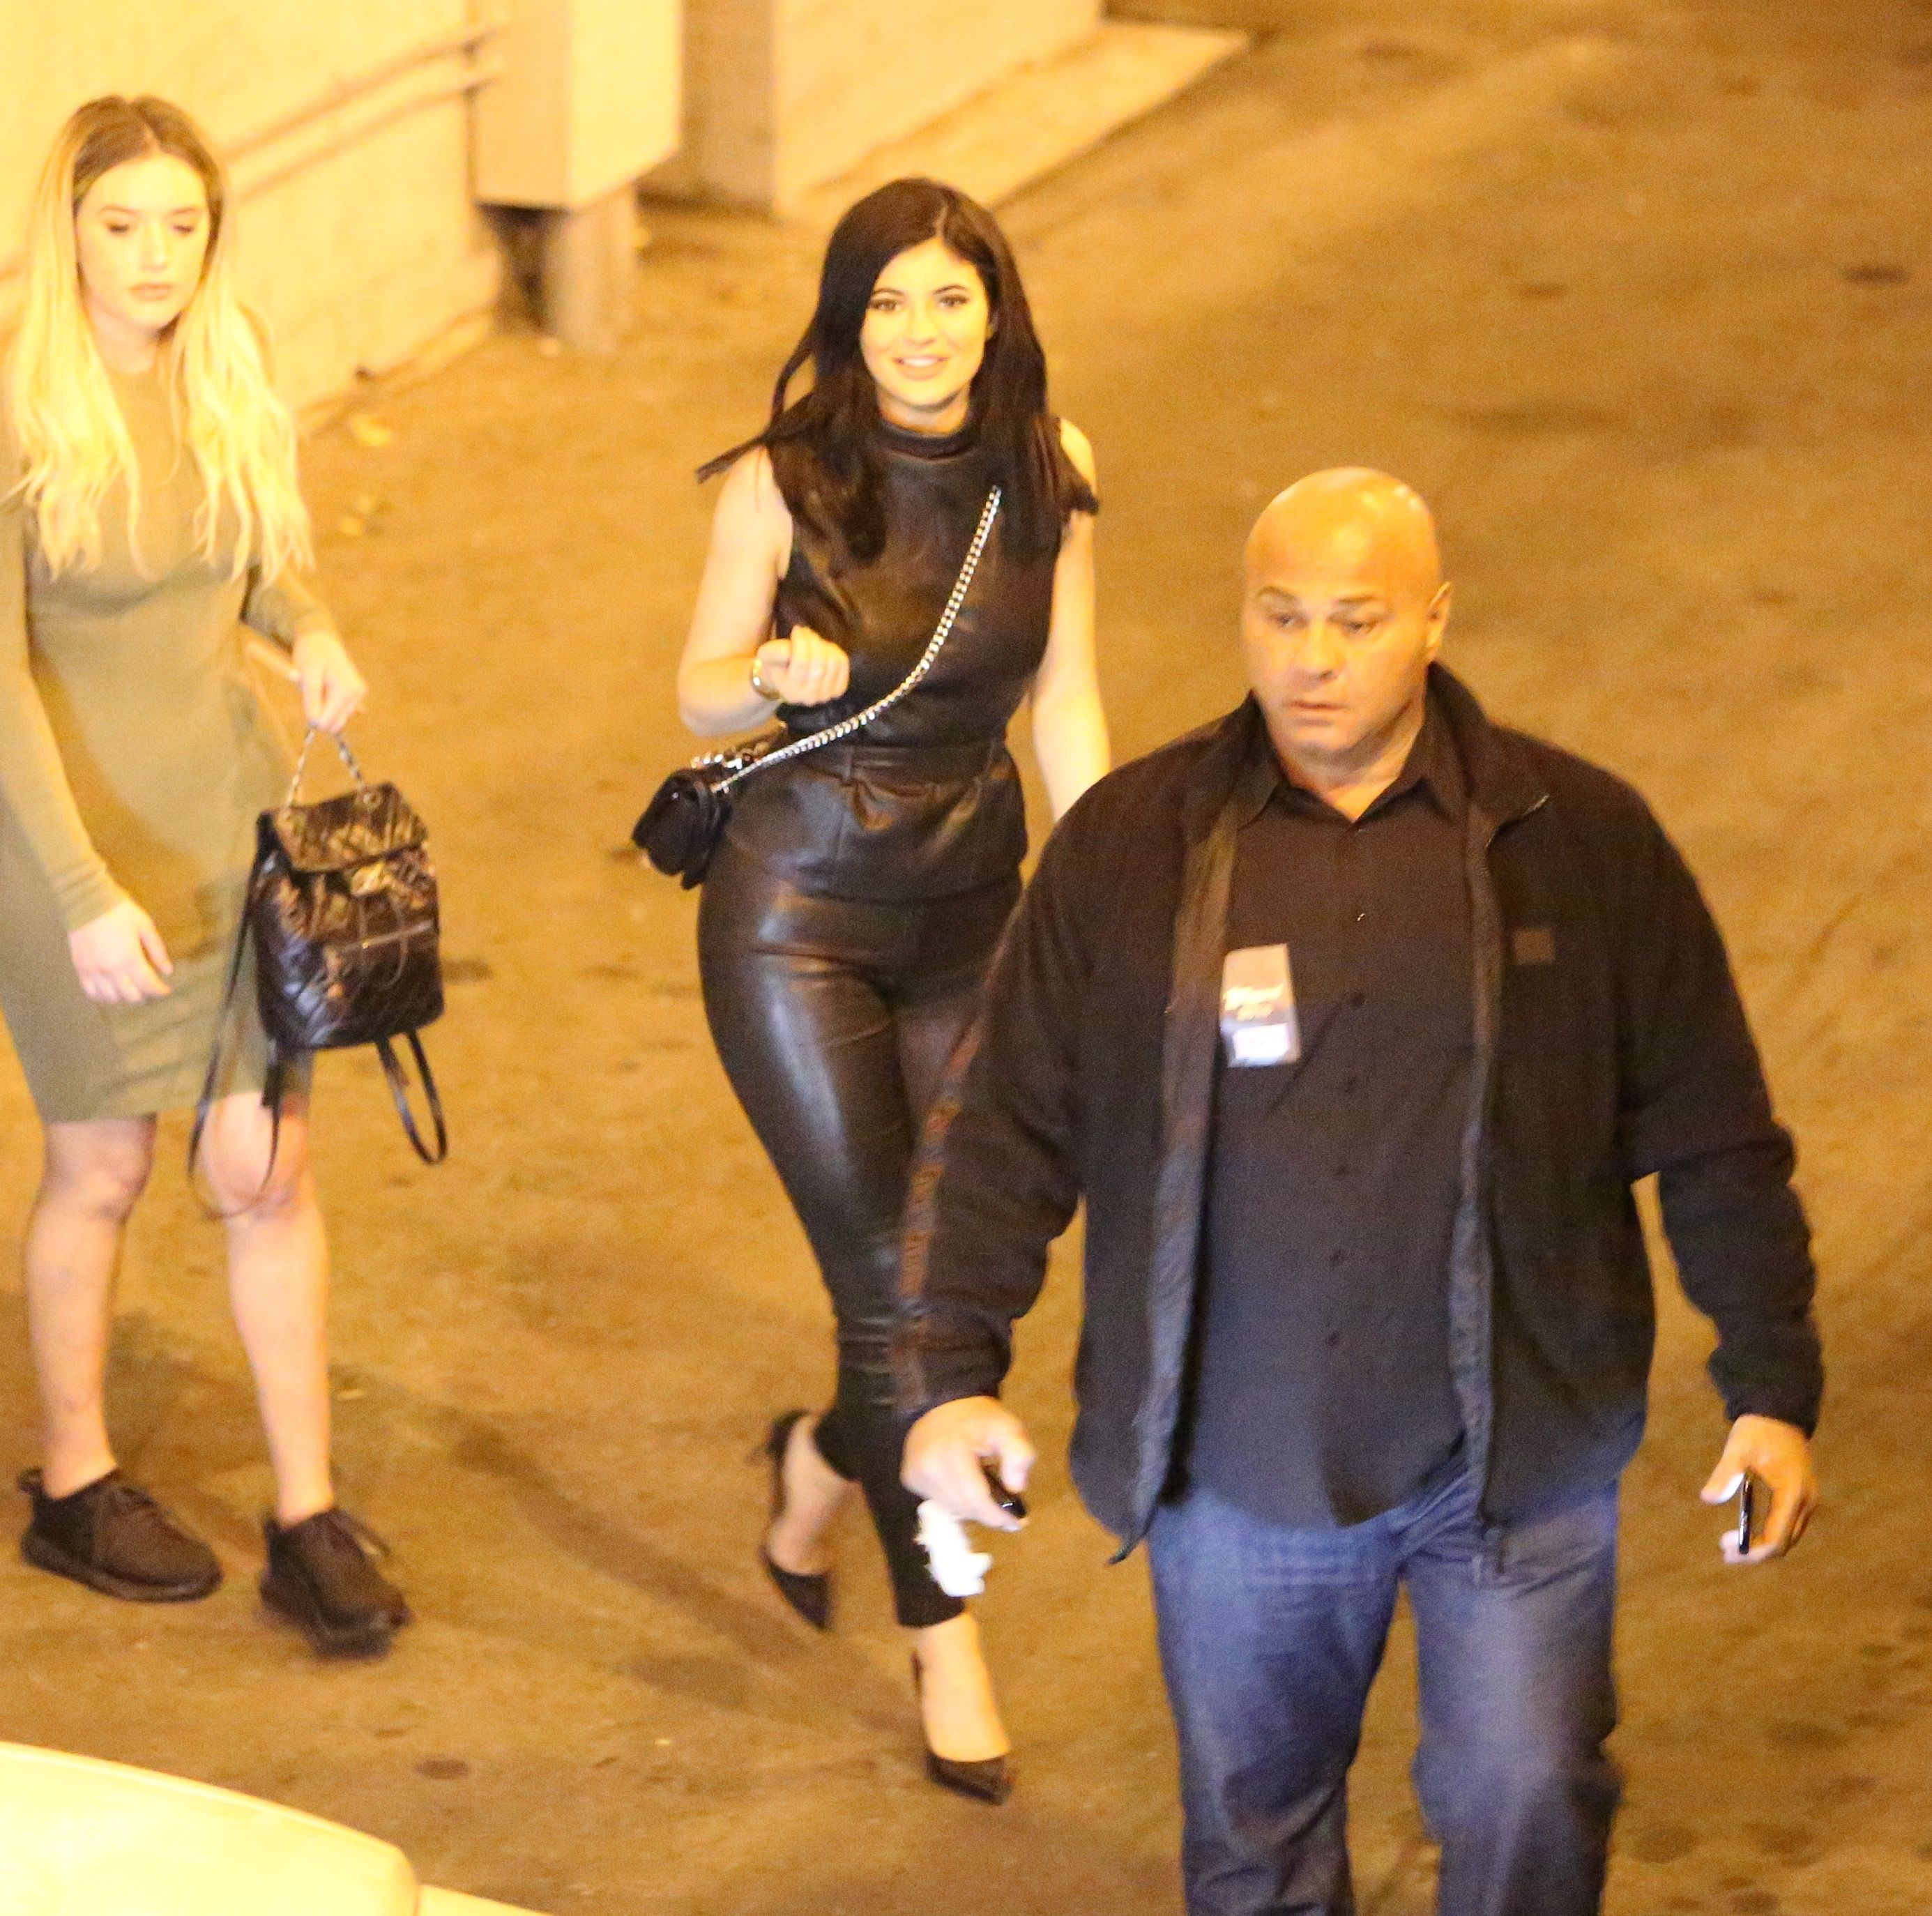 Bryson Tiller And Kylie: Kylie Jenner In Leather At Bryson Tiller Concert -23